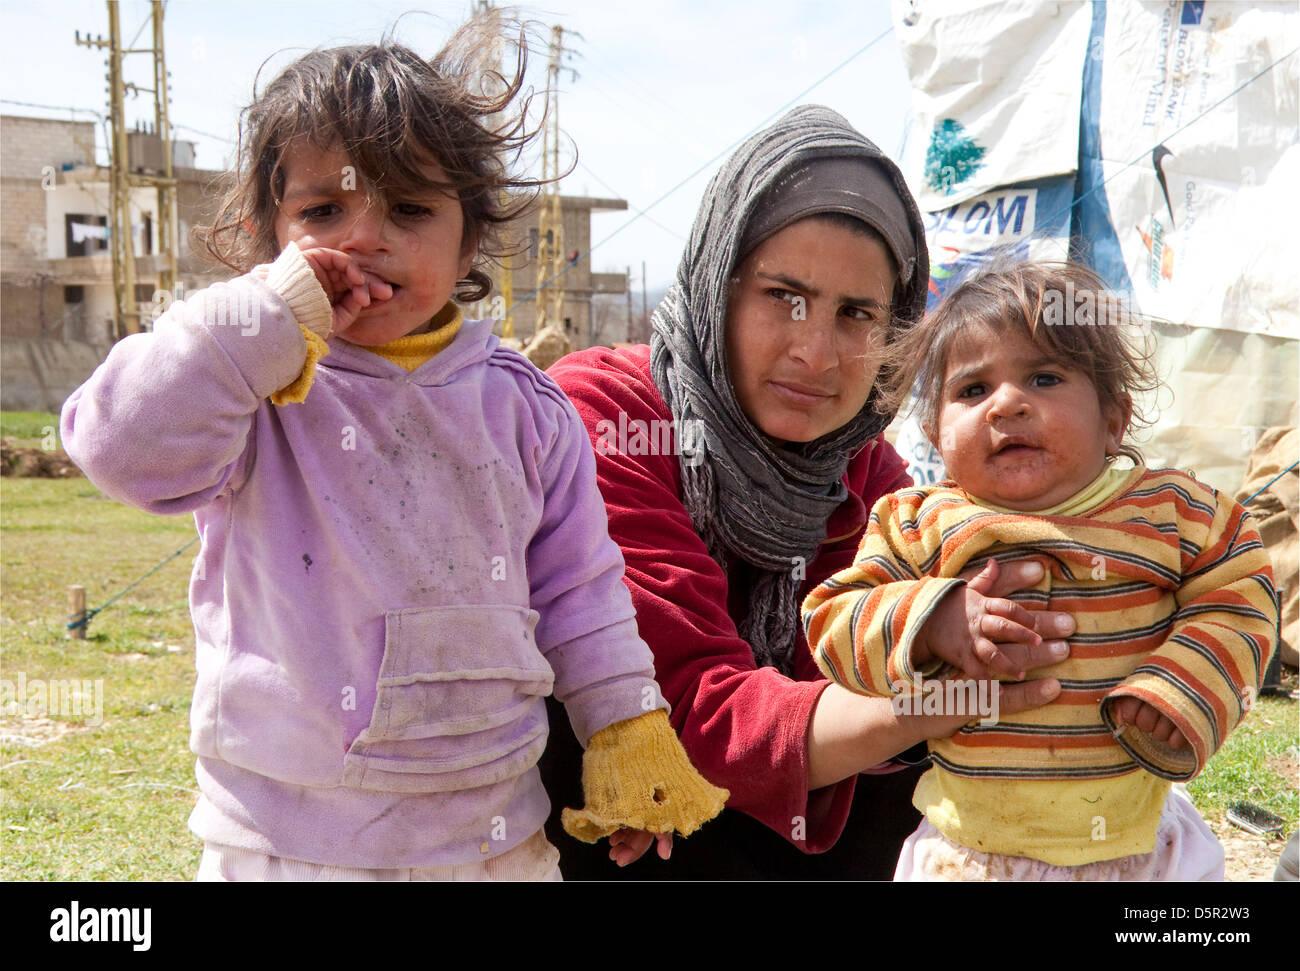 Rifugiato siriano famiglia, vicino alla valle di Bekaa in Libano Immagini Stock